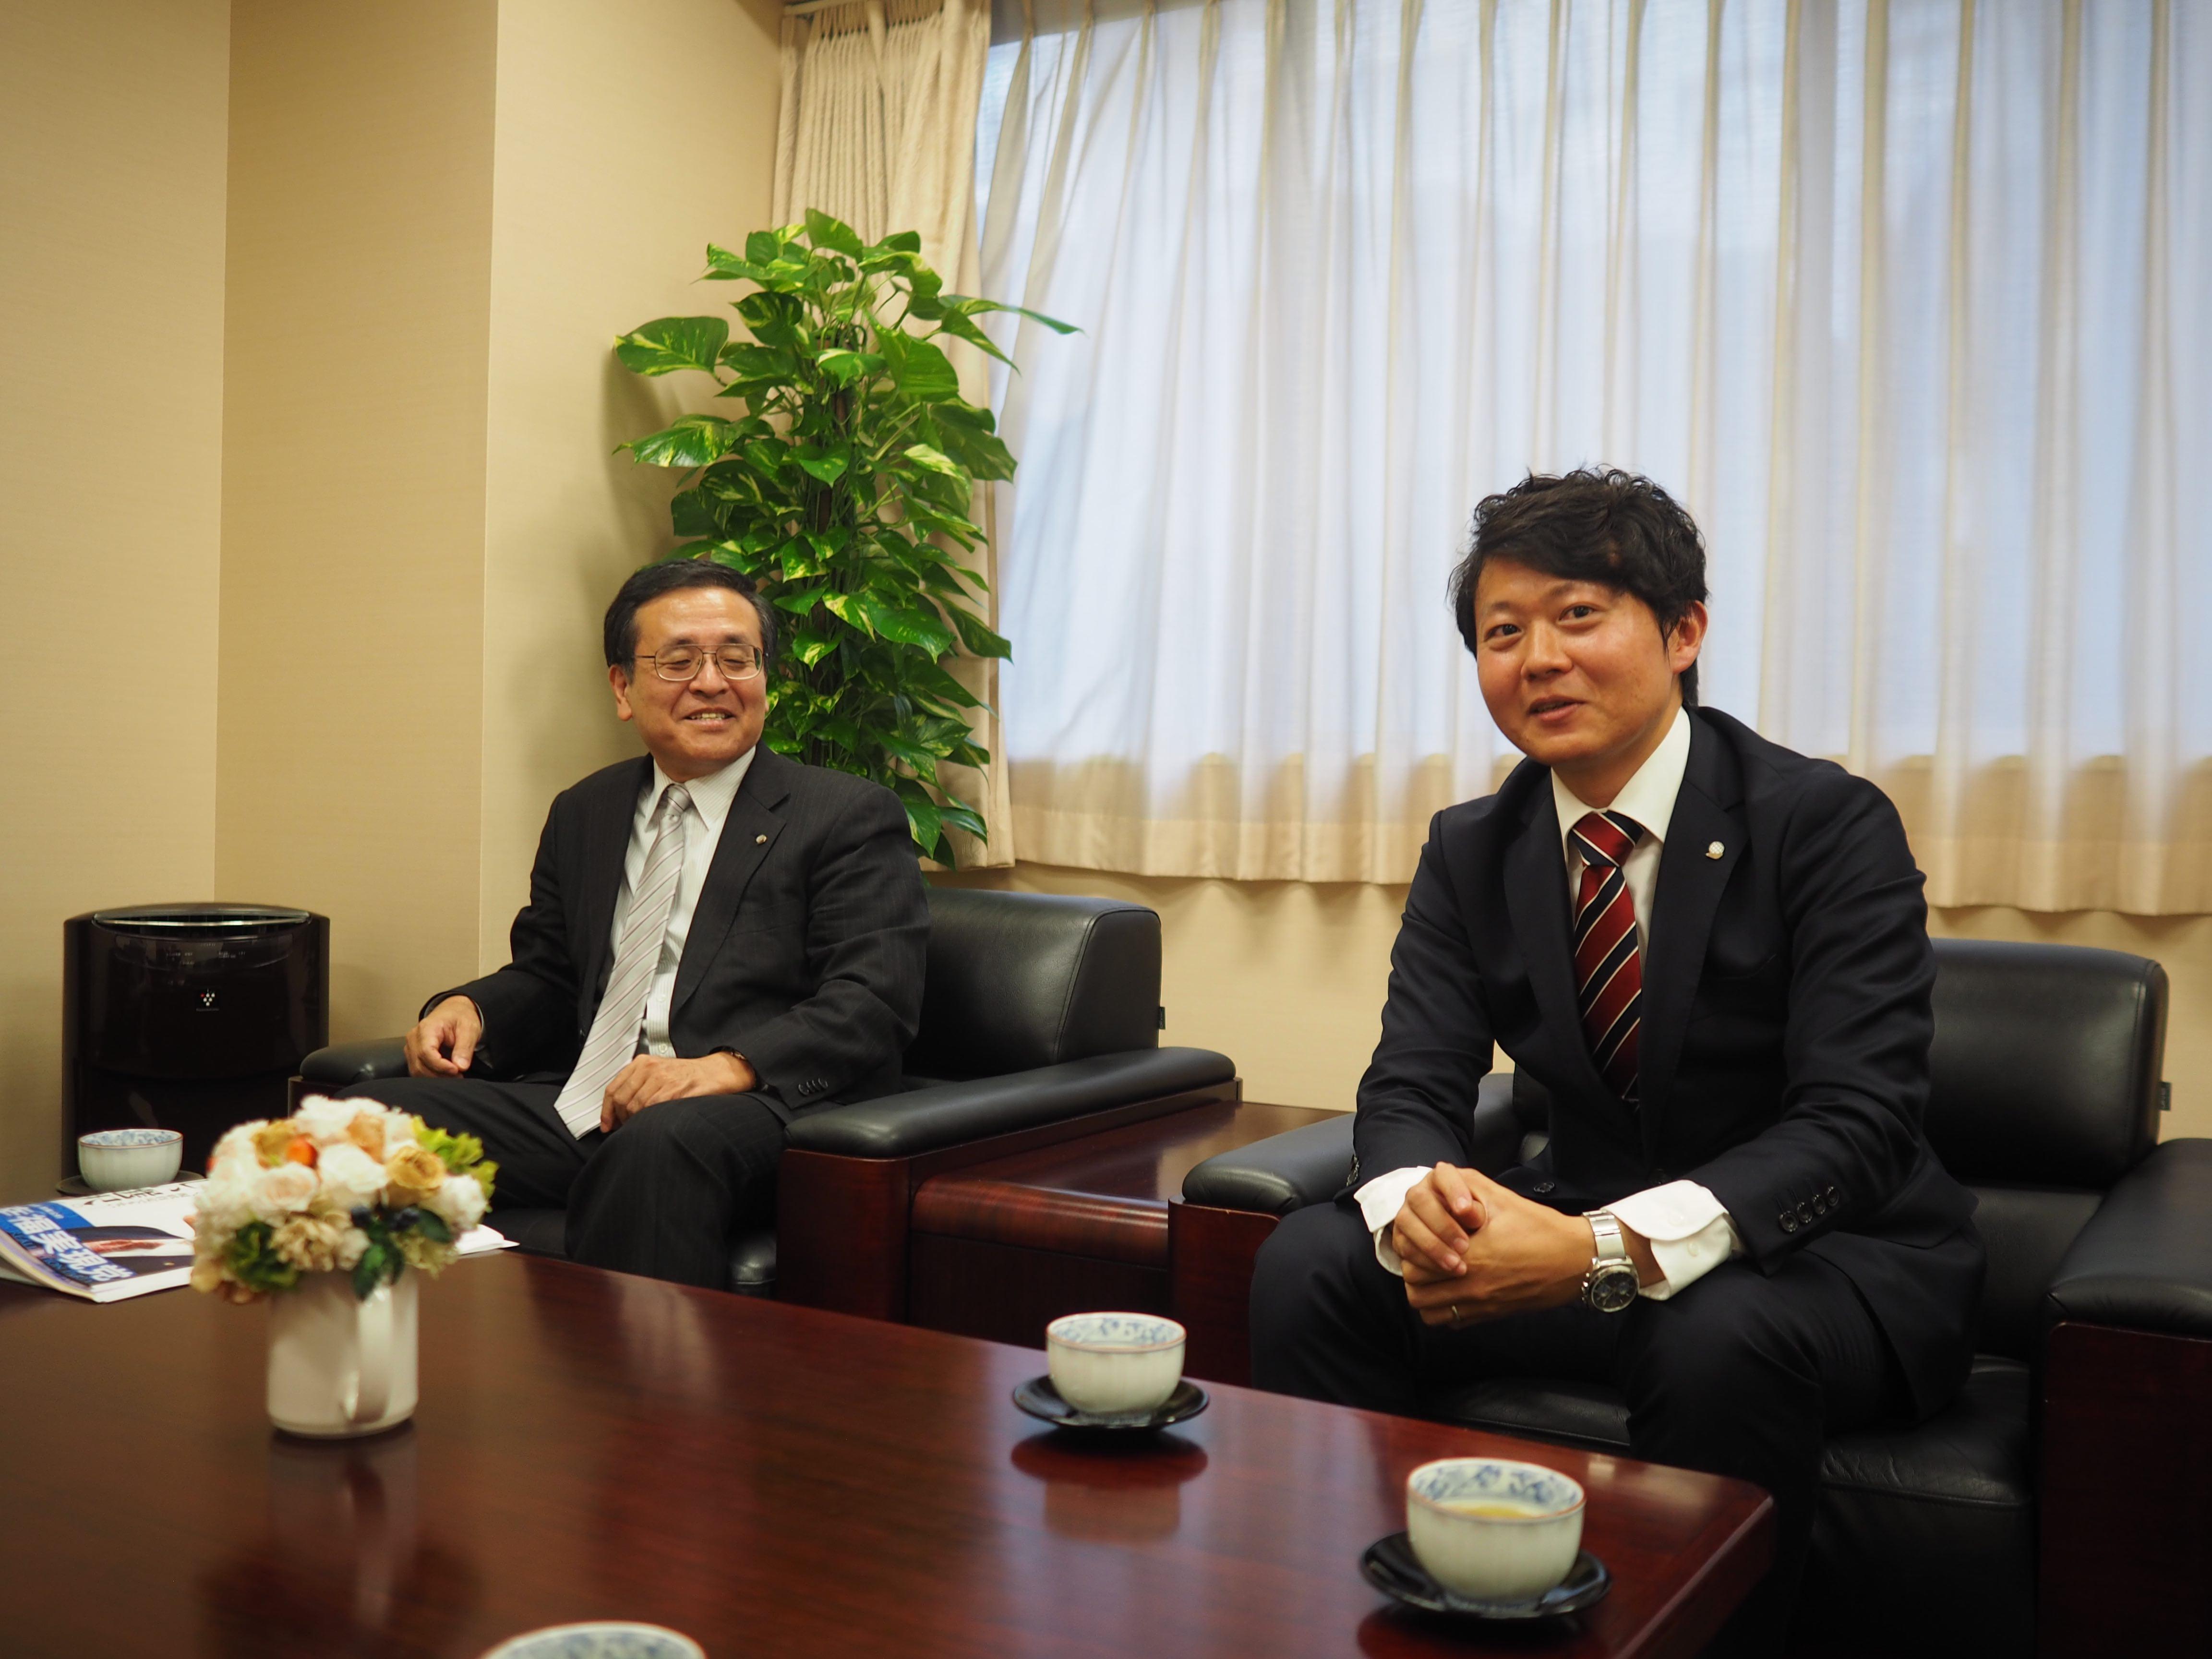 選対委員長 松島弘典氏(左)と吉井としみつ氏(右)